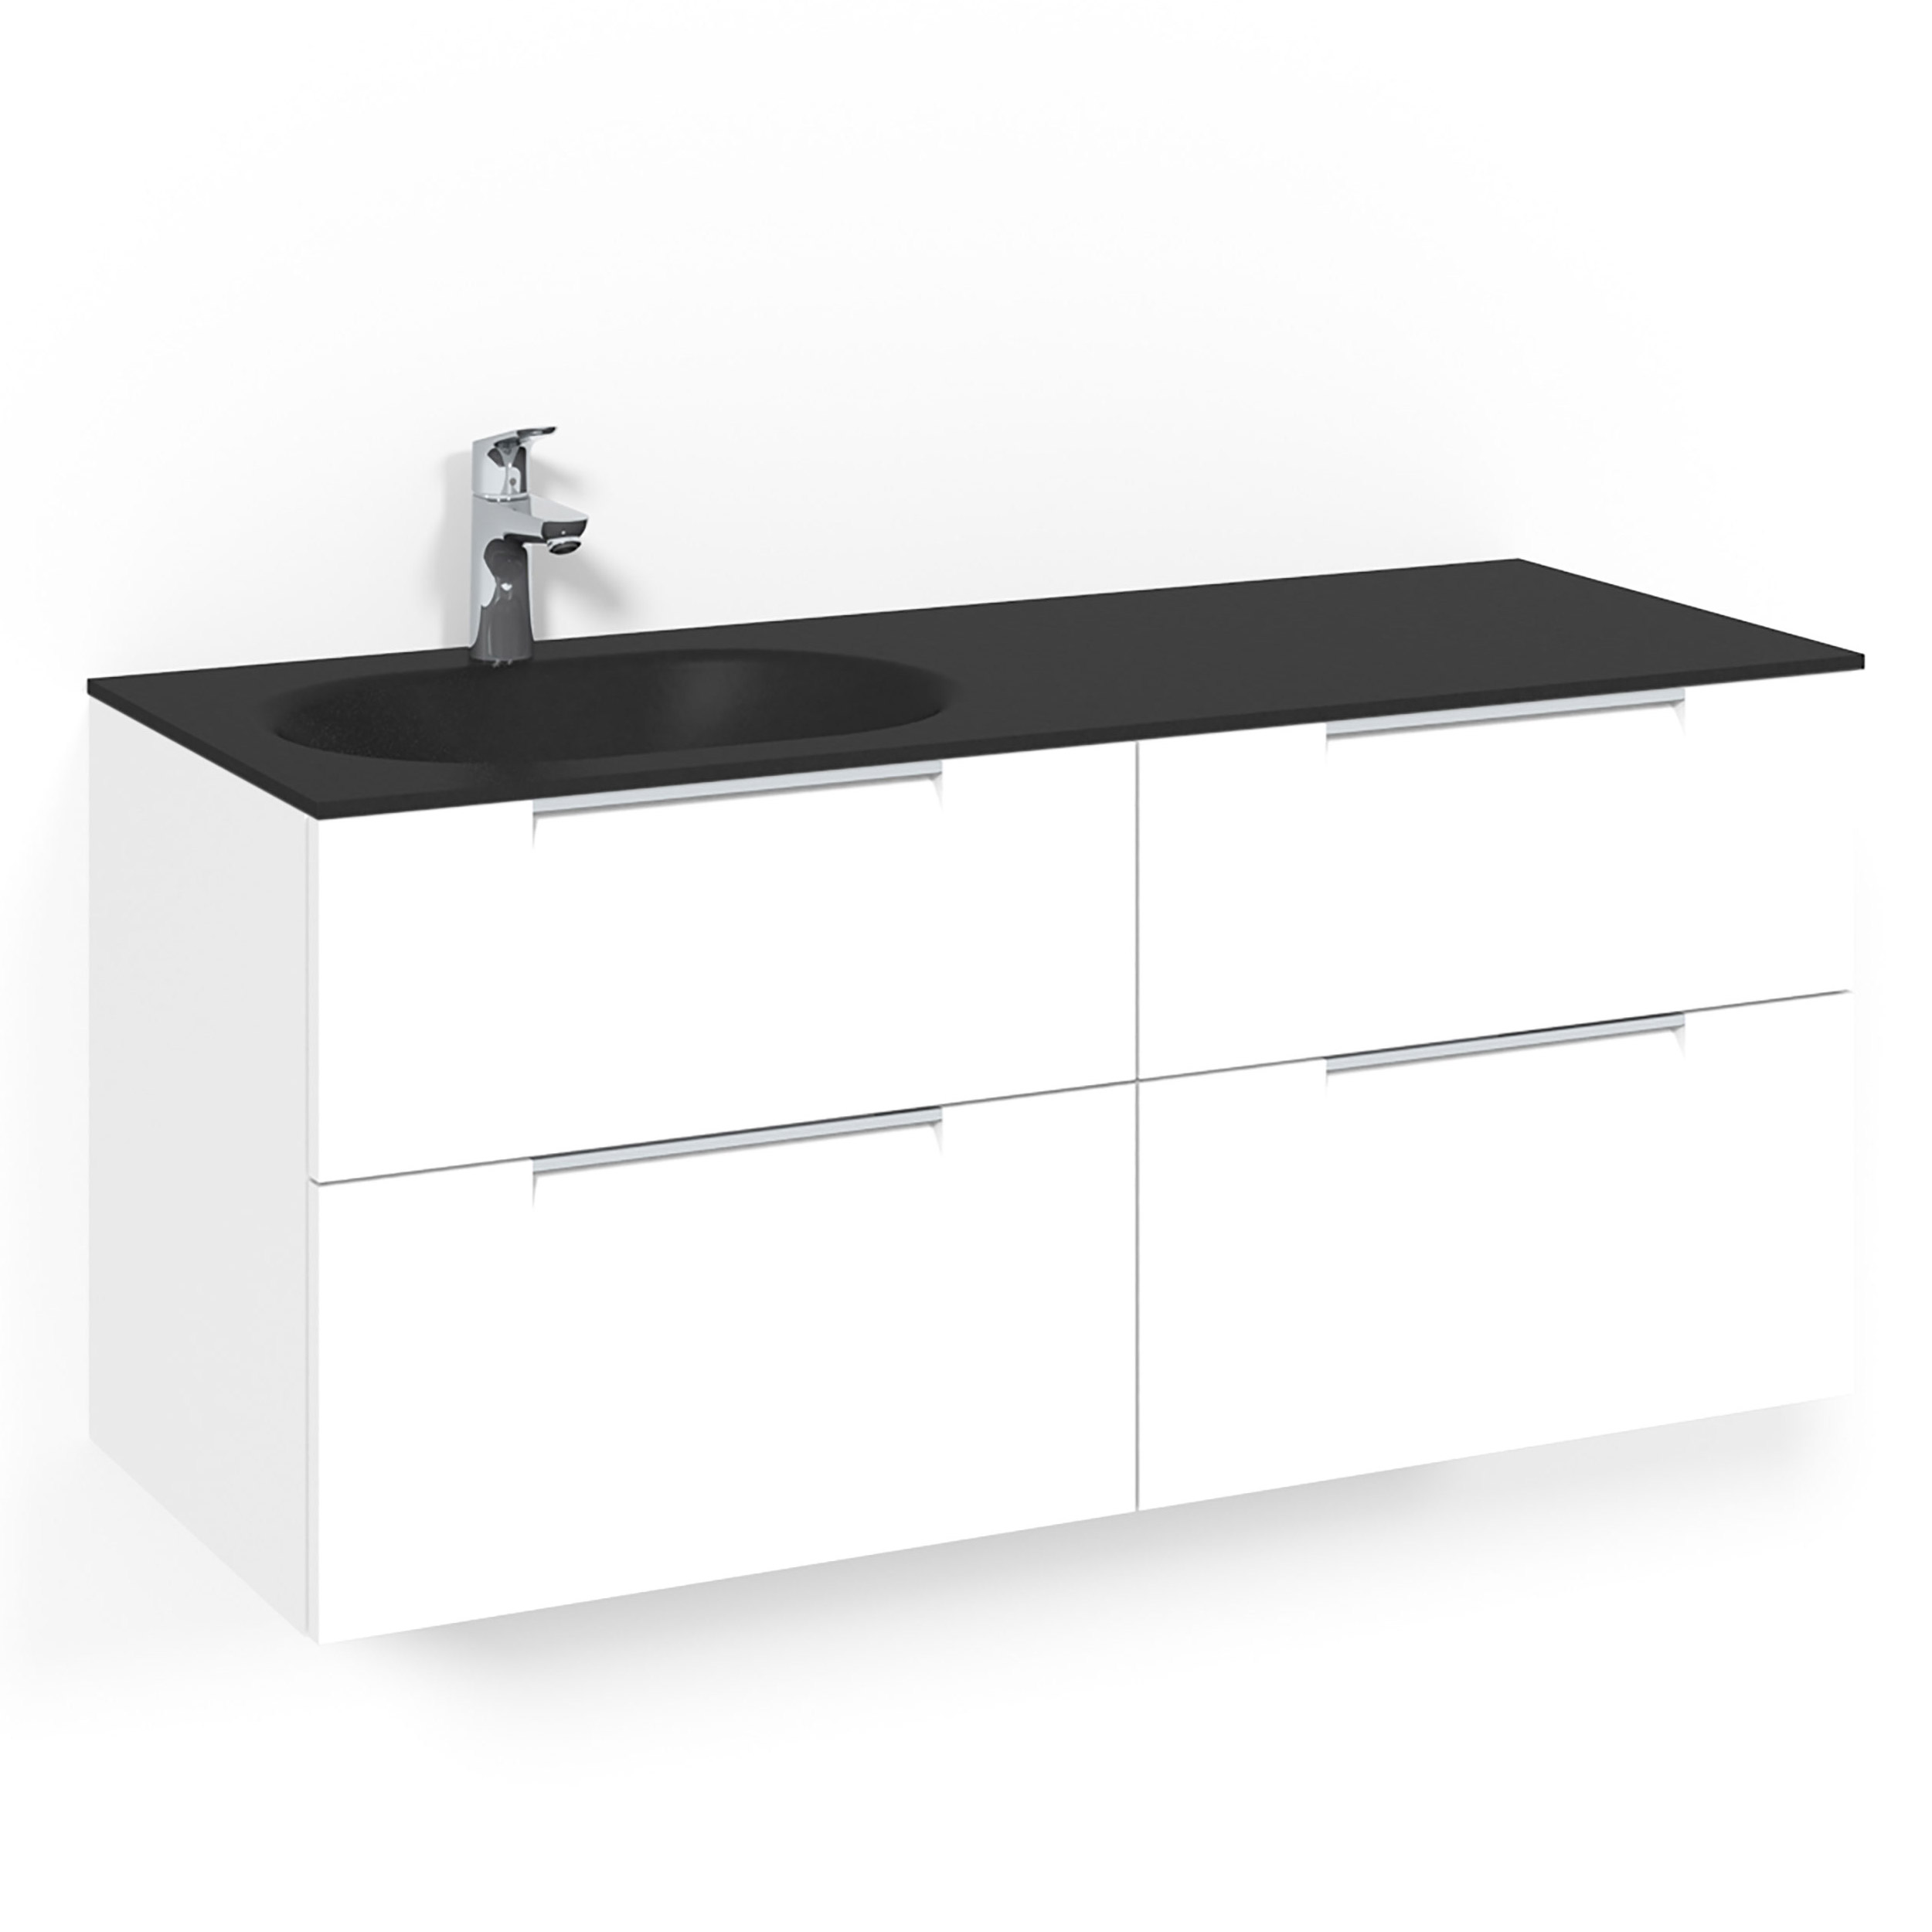 Tvättställsskåp Macro Design Crown Grip Med Glastvättställ